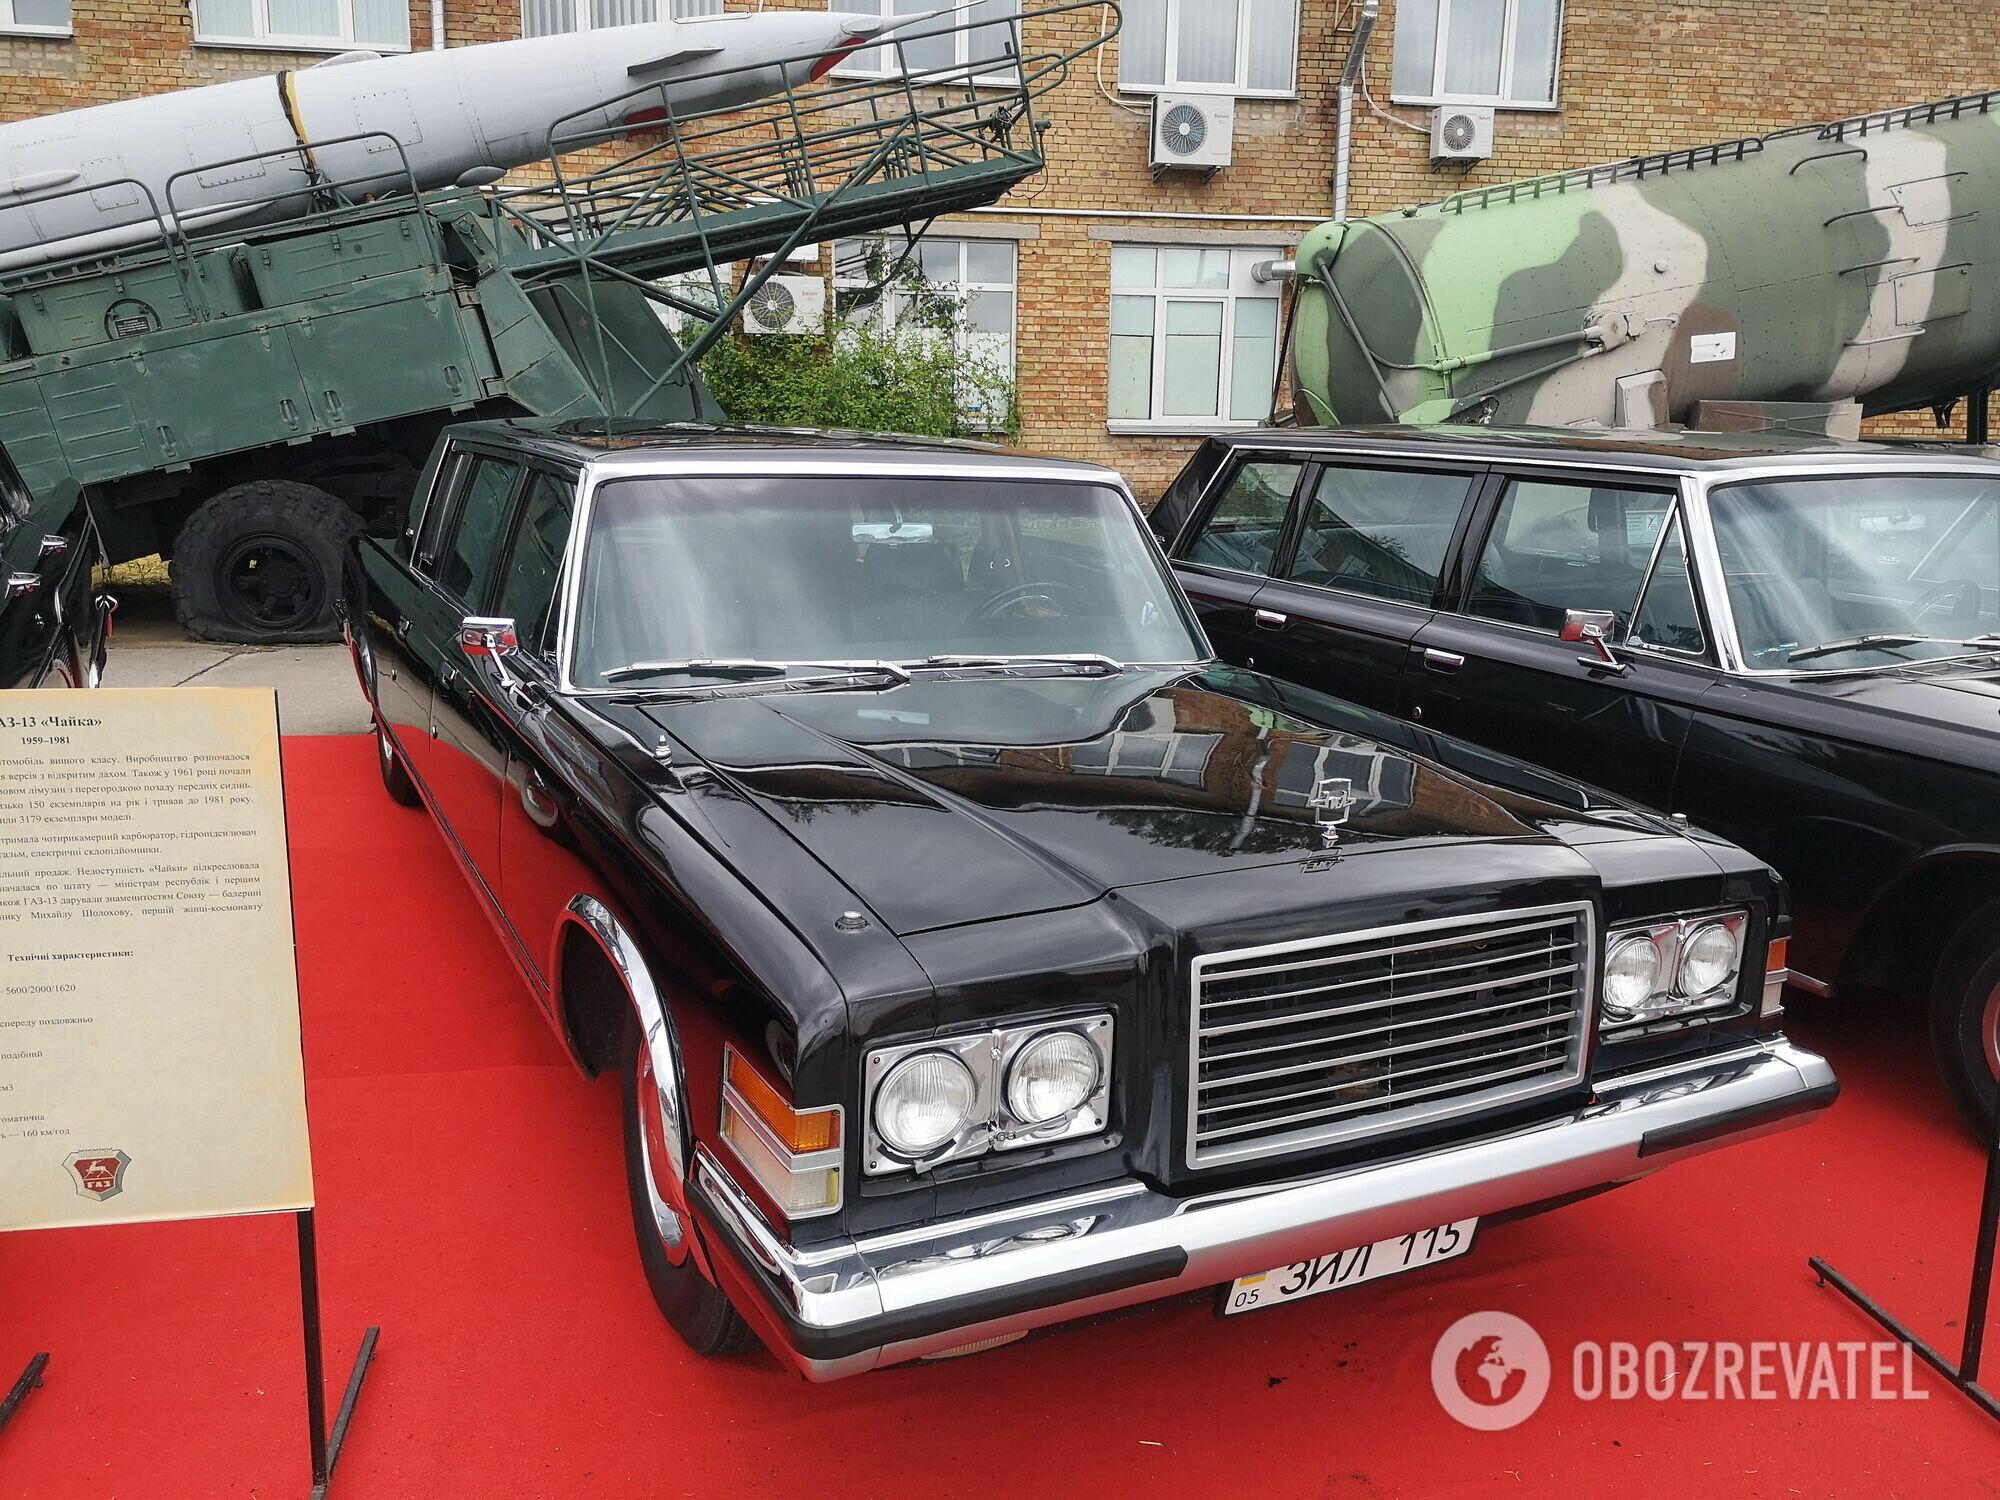 ЗИЛ-115, который обслуживал первого секретаря ЦК КП Украины Владимира Щербицкого